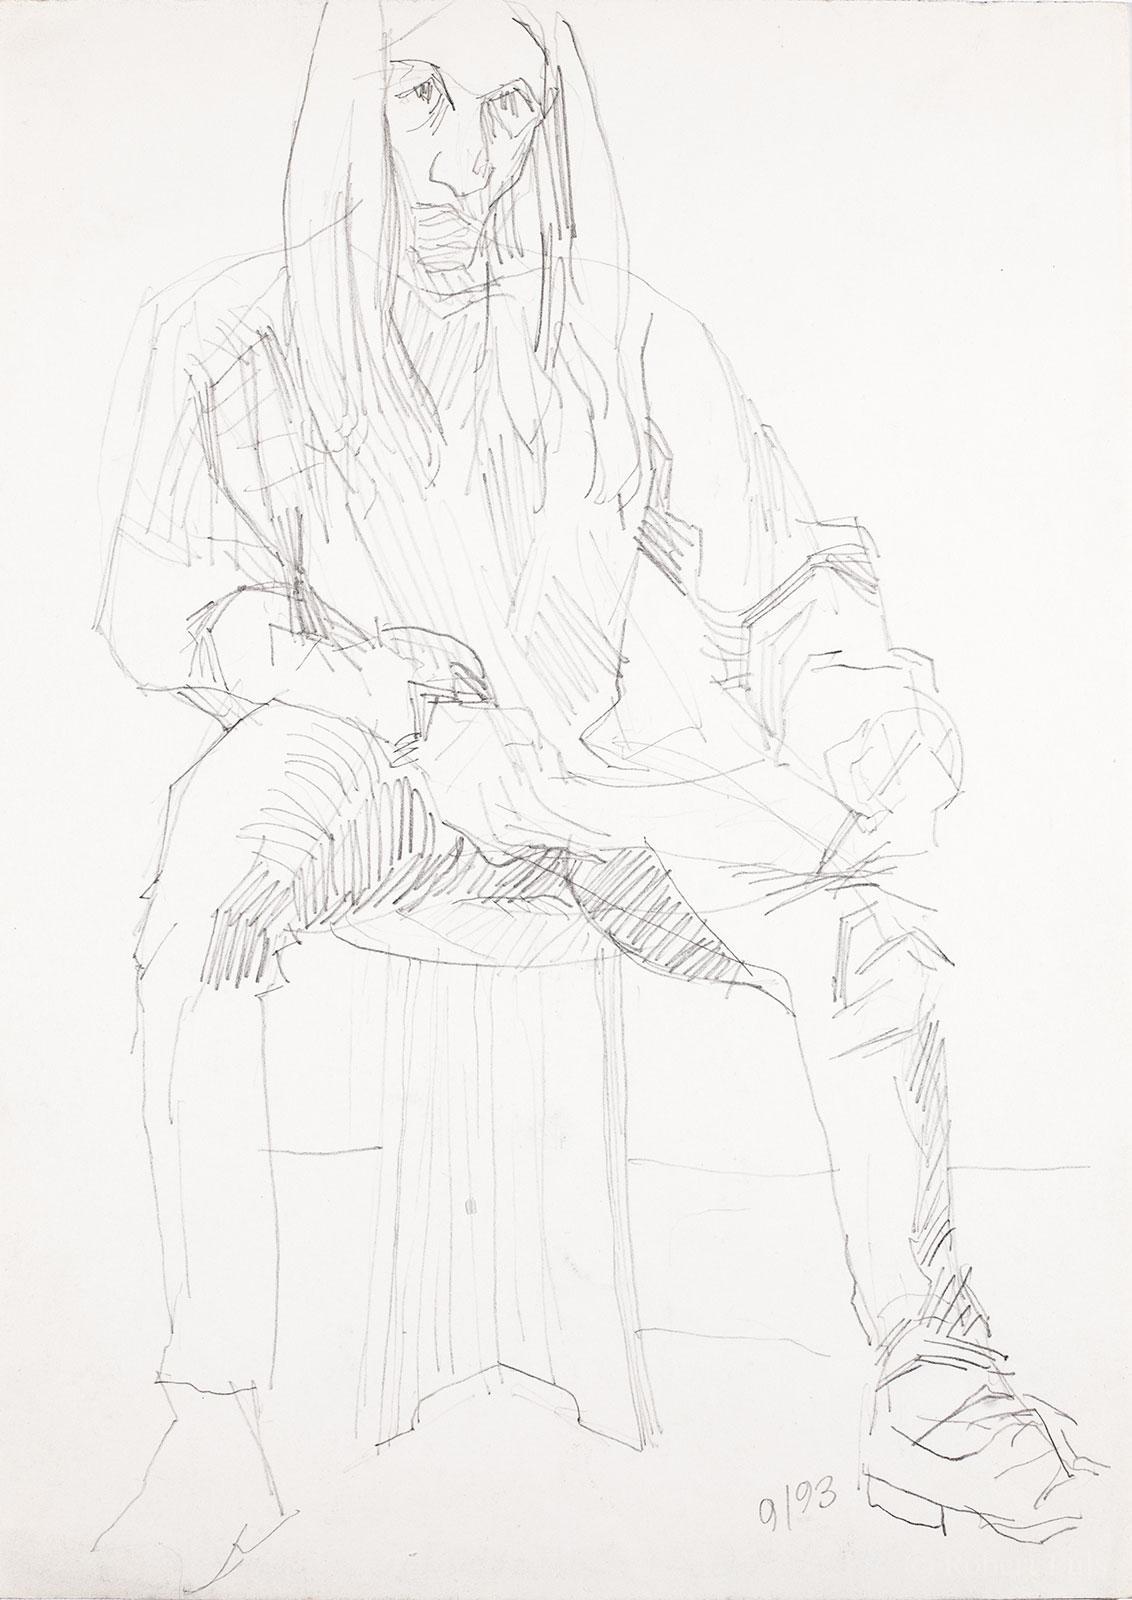 Selbstportrait Bleistift